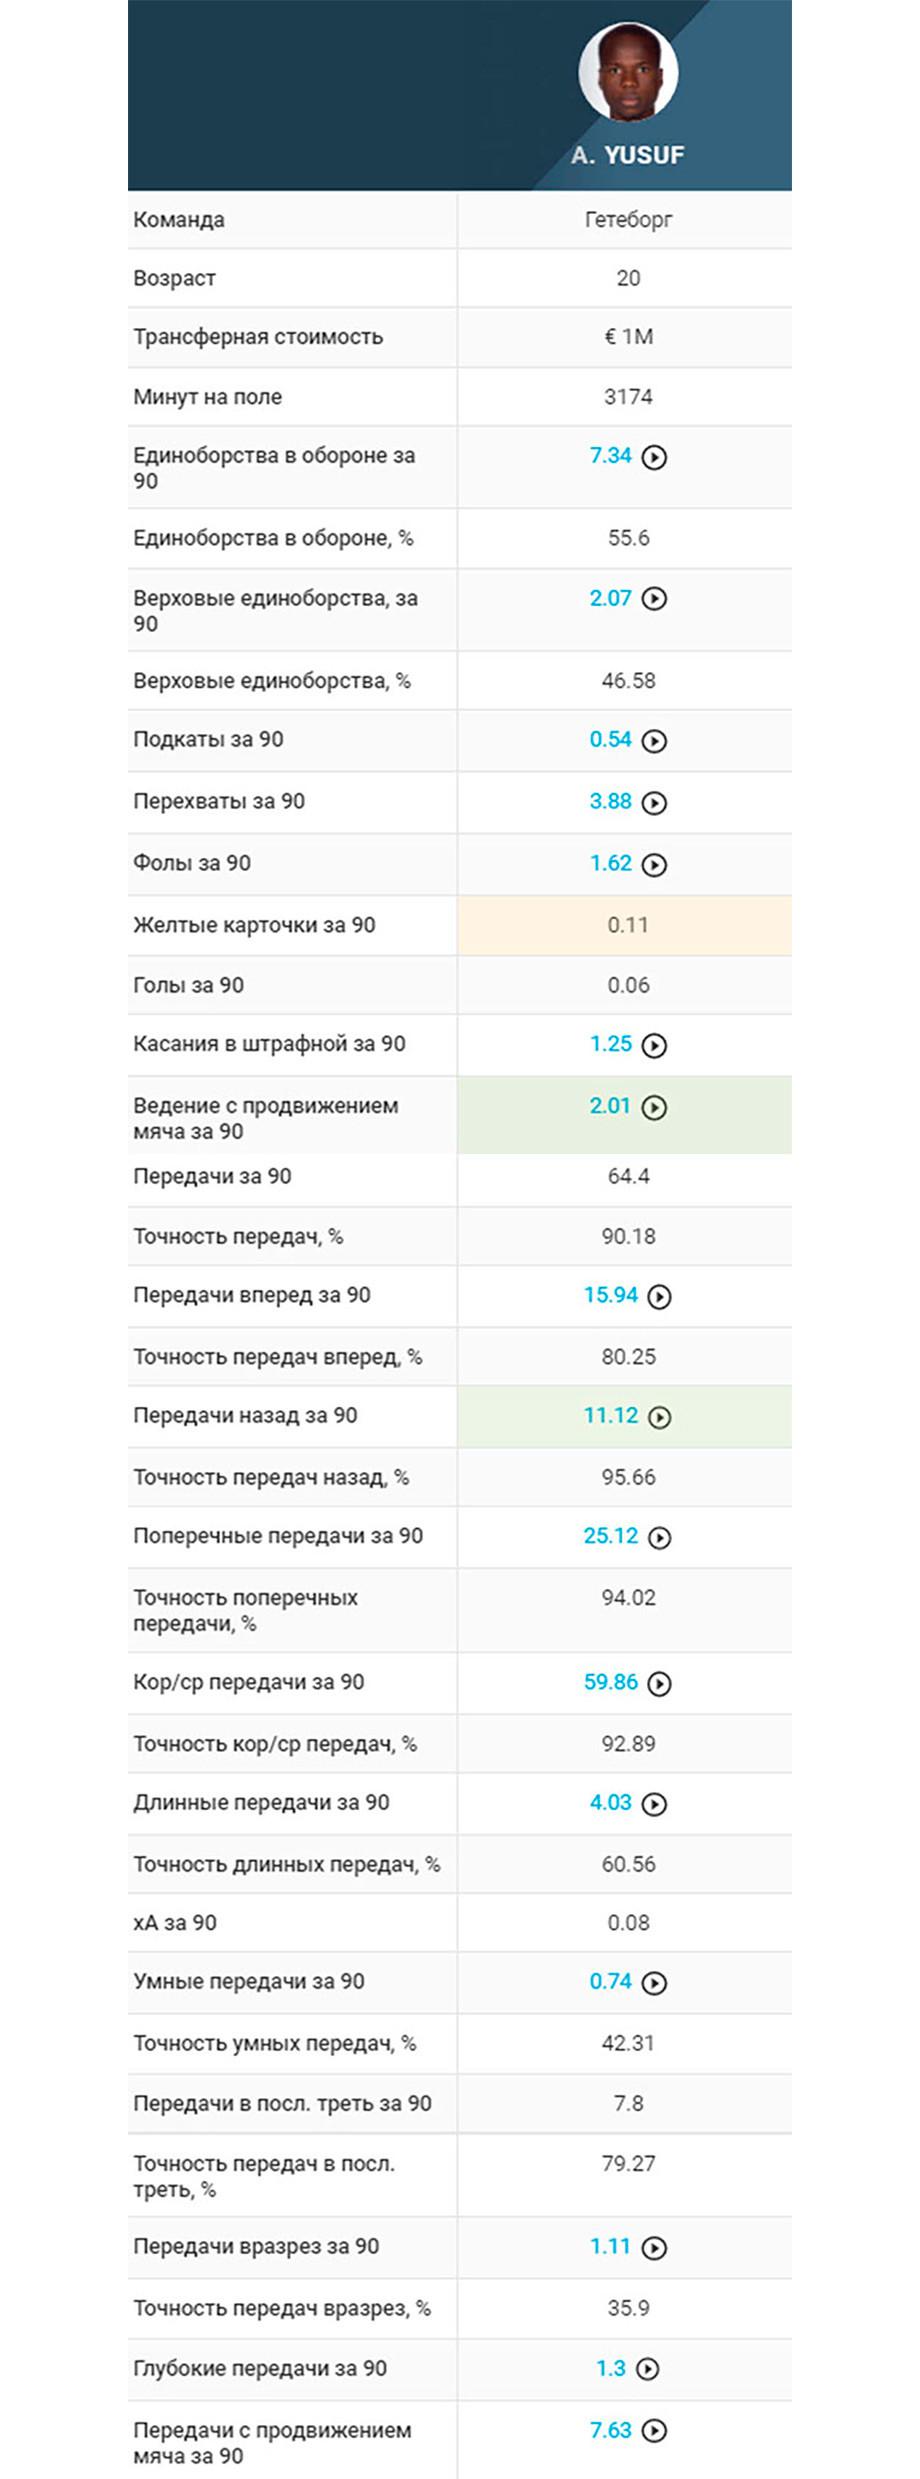 Топ опорников для «Спартака», «Зенита» и ЦСКА. Нашли улучшенную версию Вернблума